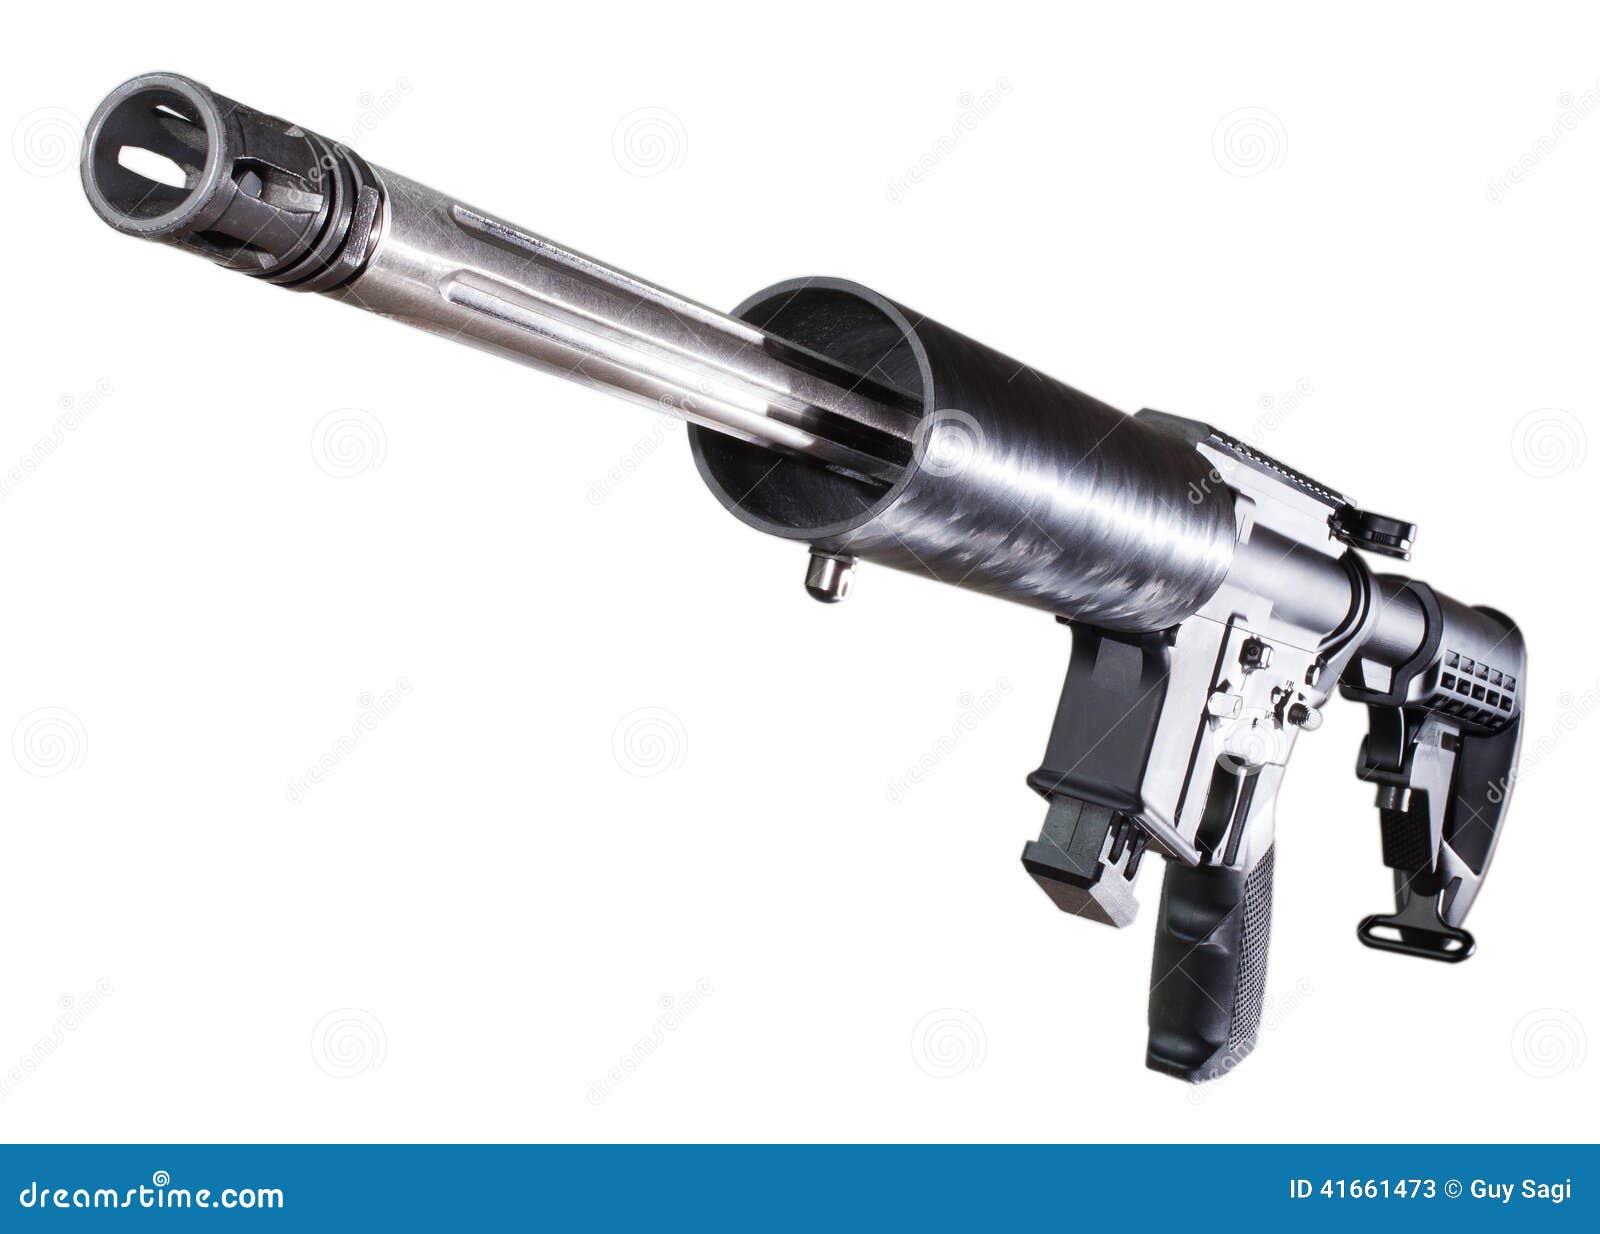 Современная спортивная винтовка